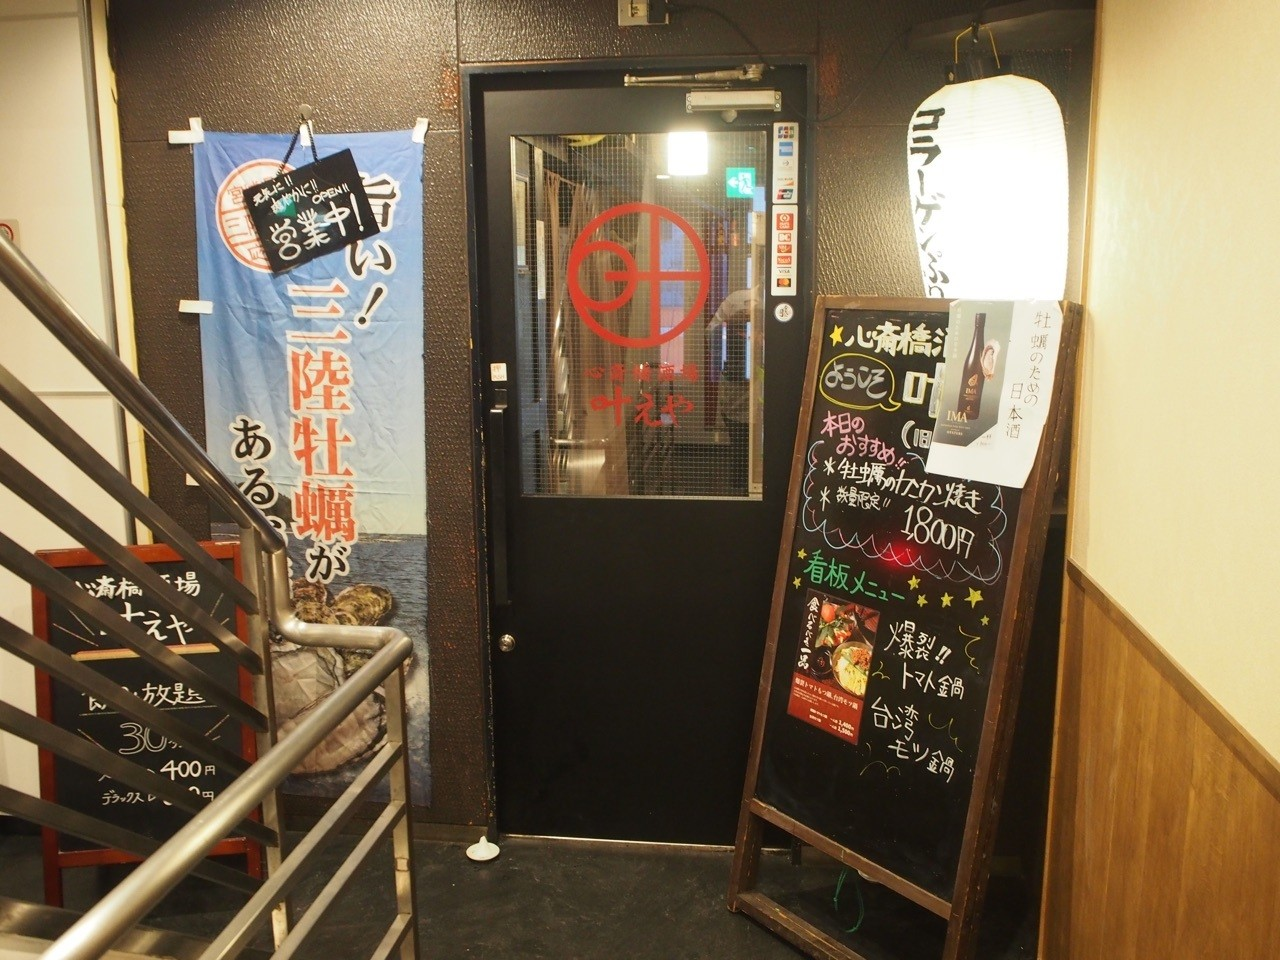 大阪心齋橋酒場